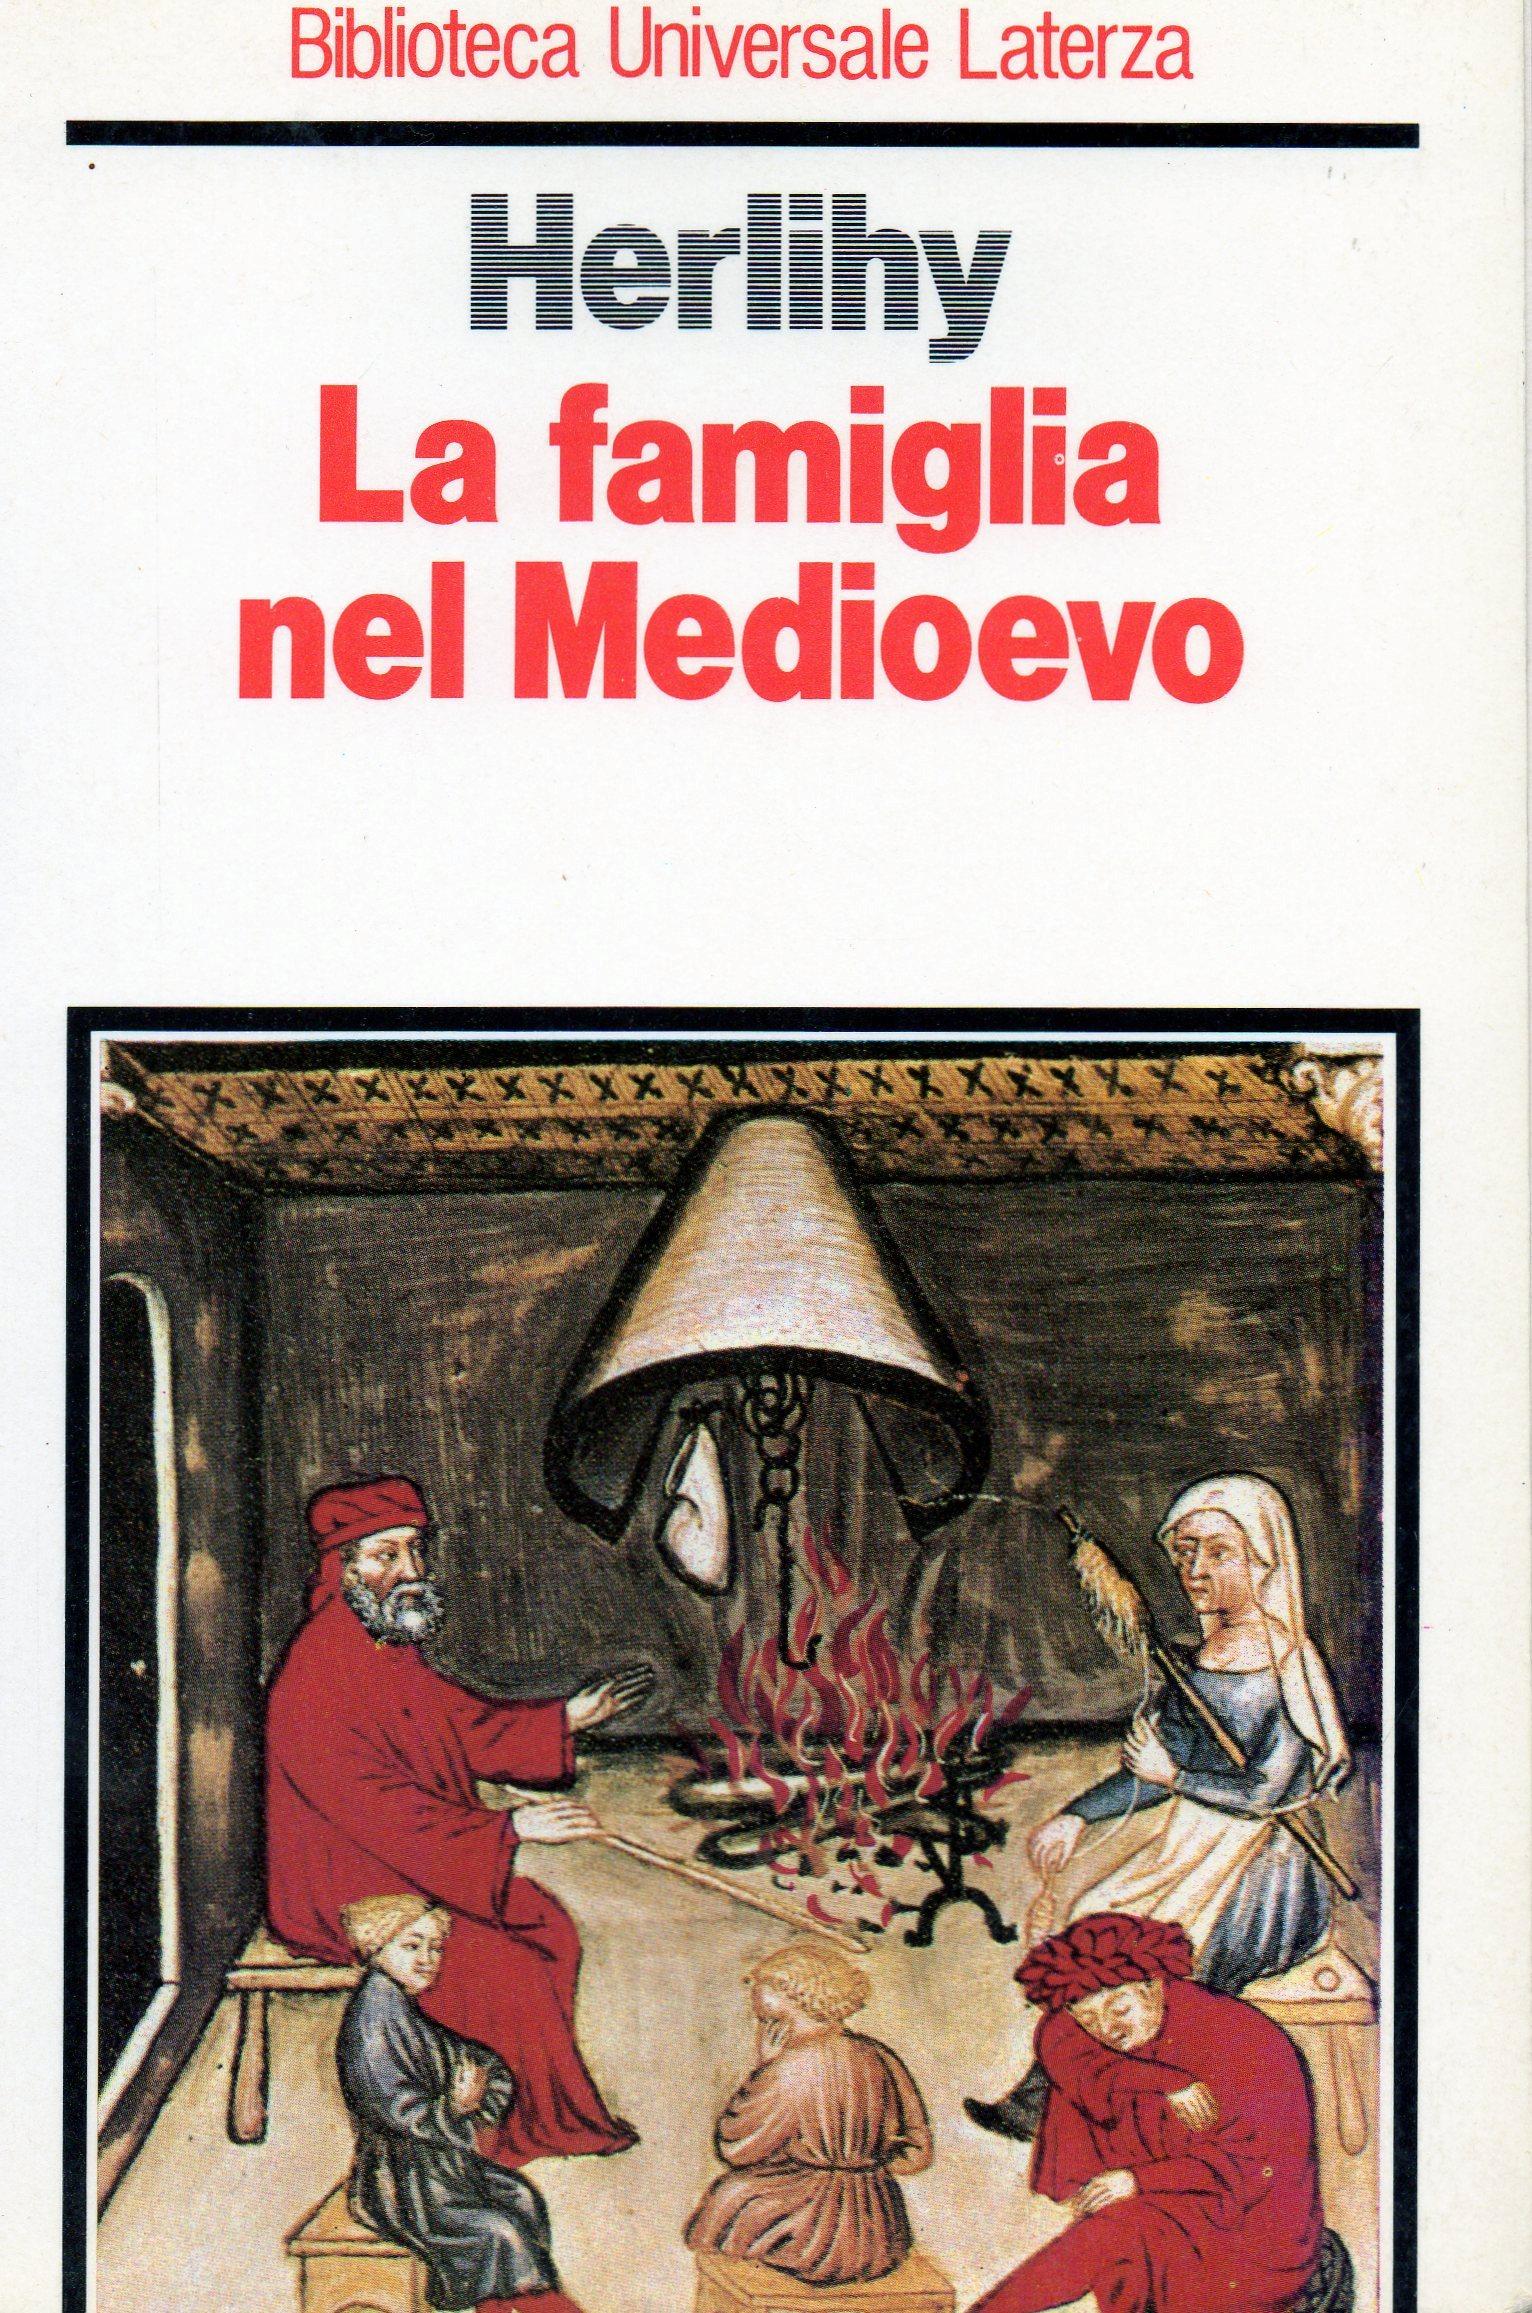 La famiglia nel Medioevo